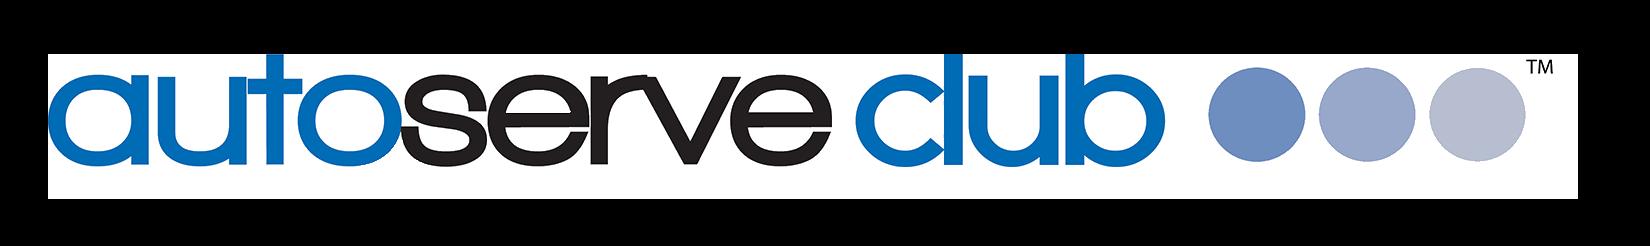 Autoserve club logo